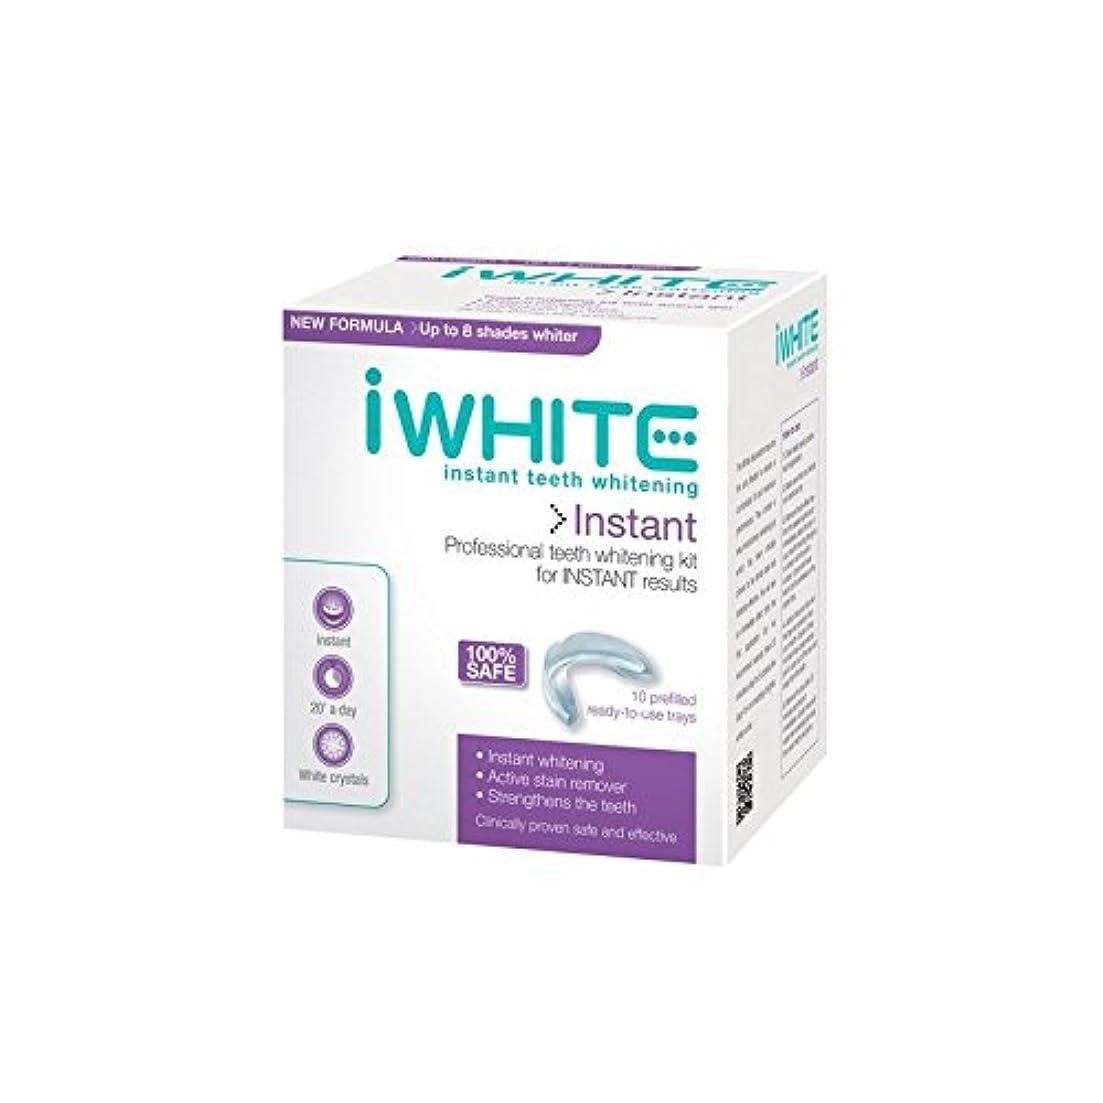 コミュニケーション豆摘むiWhite Instant Professional Teeth Whitening Kit (10 Trays) (Pack of 6) - キットを白くするインスタントプロの歯(10個のトレー) x6 [並行輸入品]